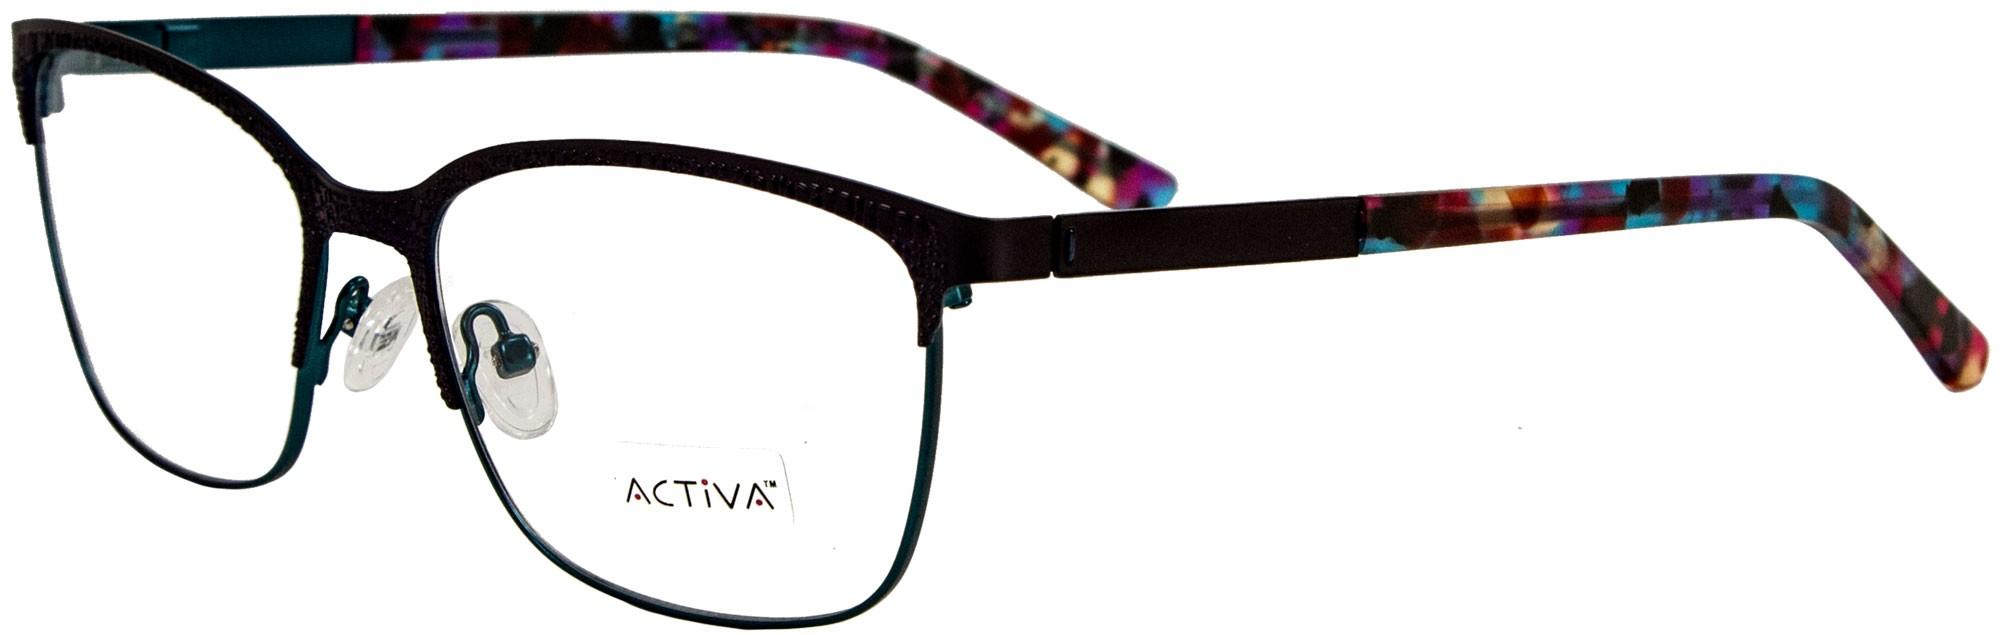 Activa 9543 C1 2